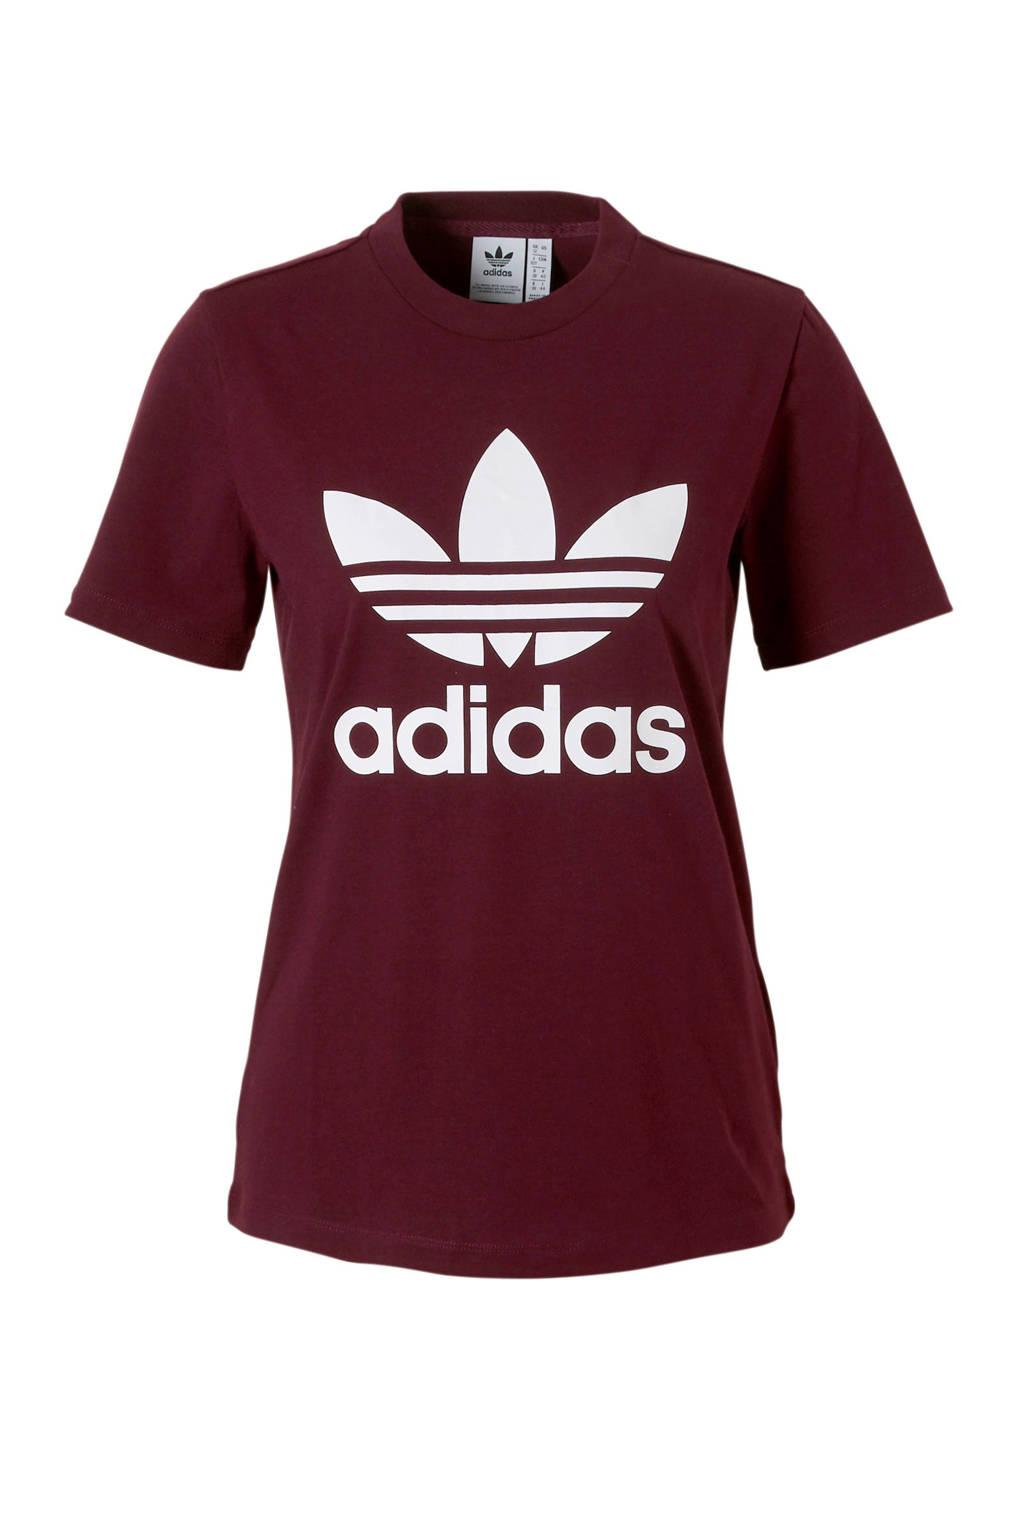 5897911c7fd adidas originals T-shirt bordeauxrood, Bordeauxrood, Dames